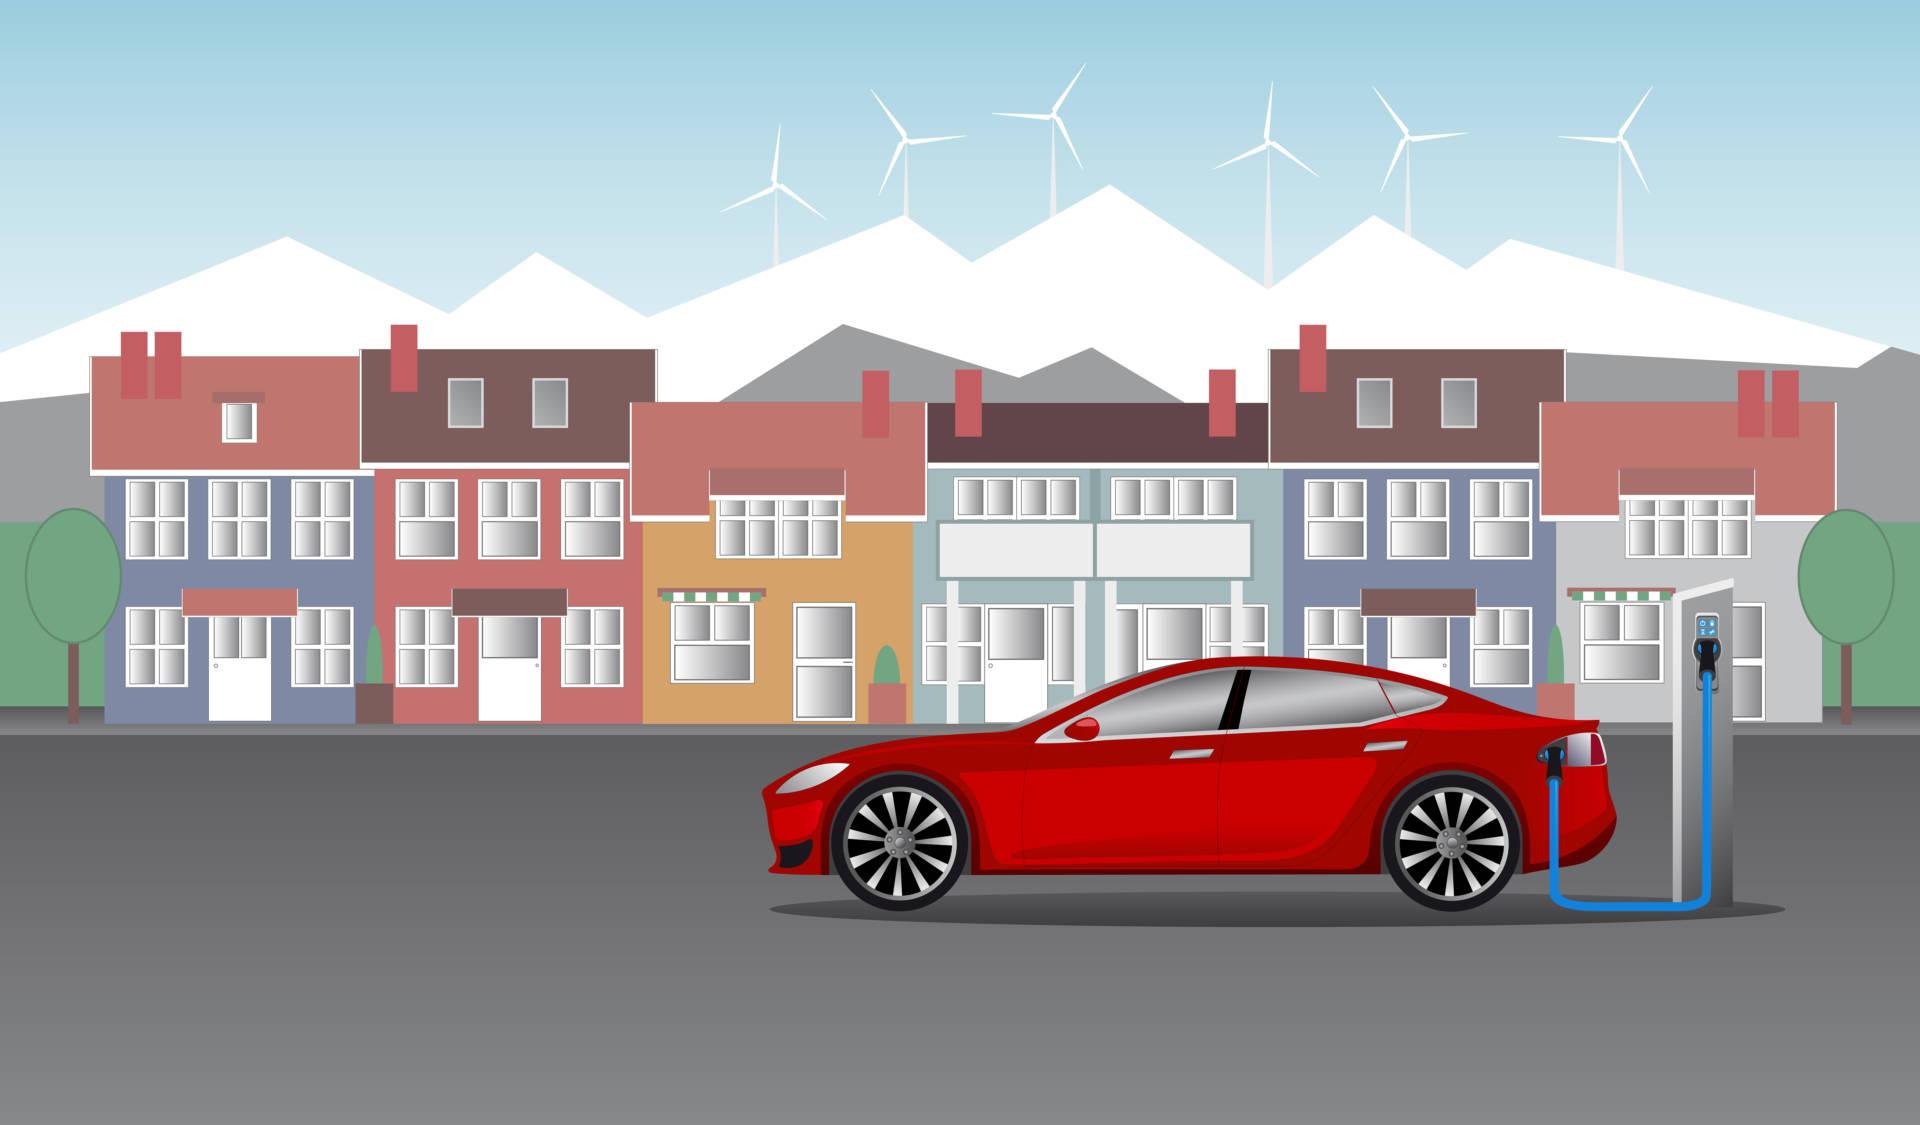 A chi interessa l'automotive green?